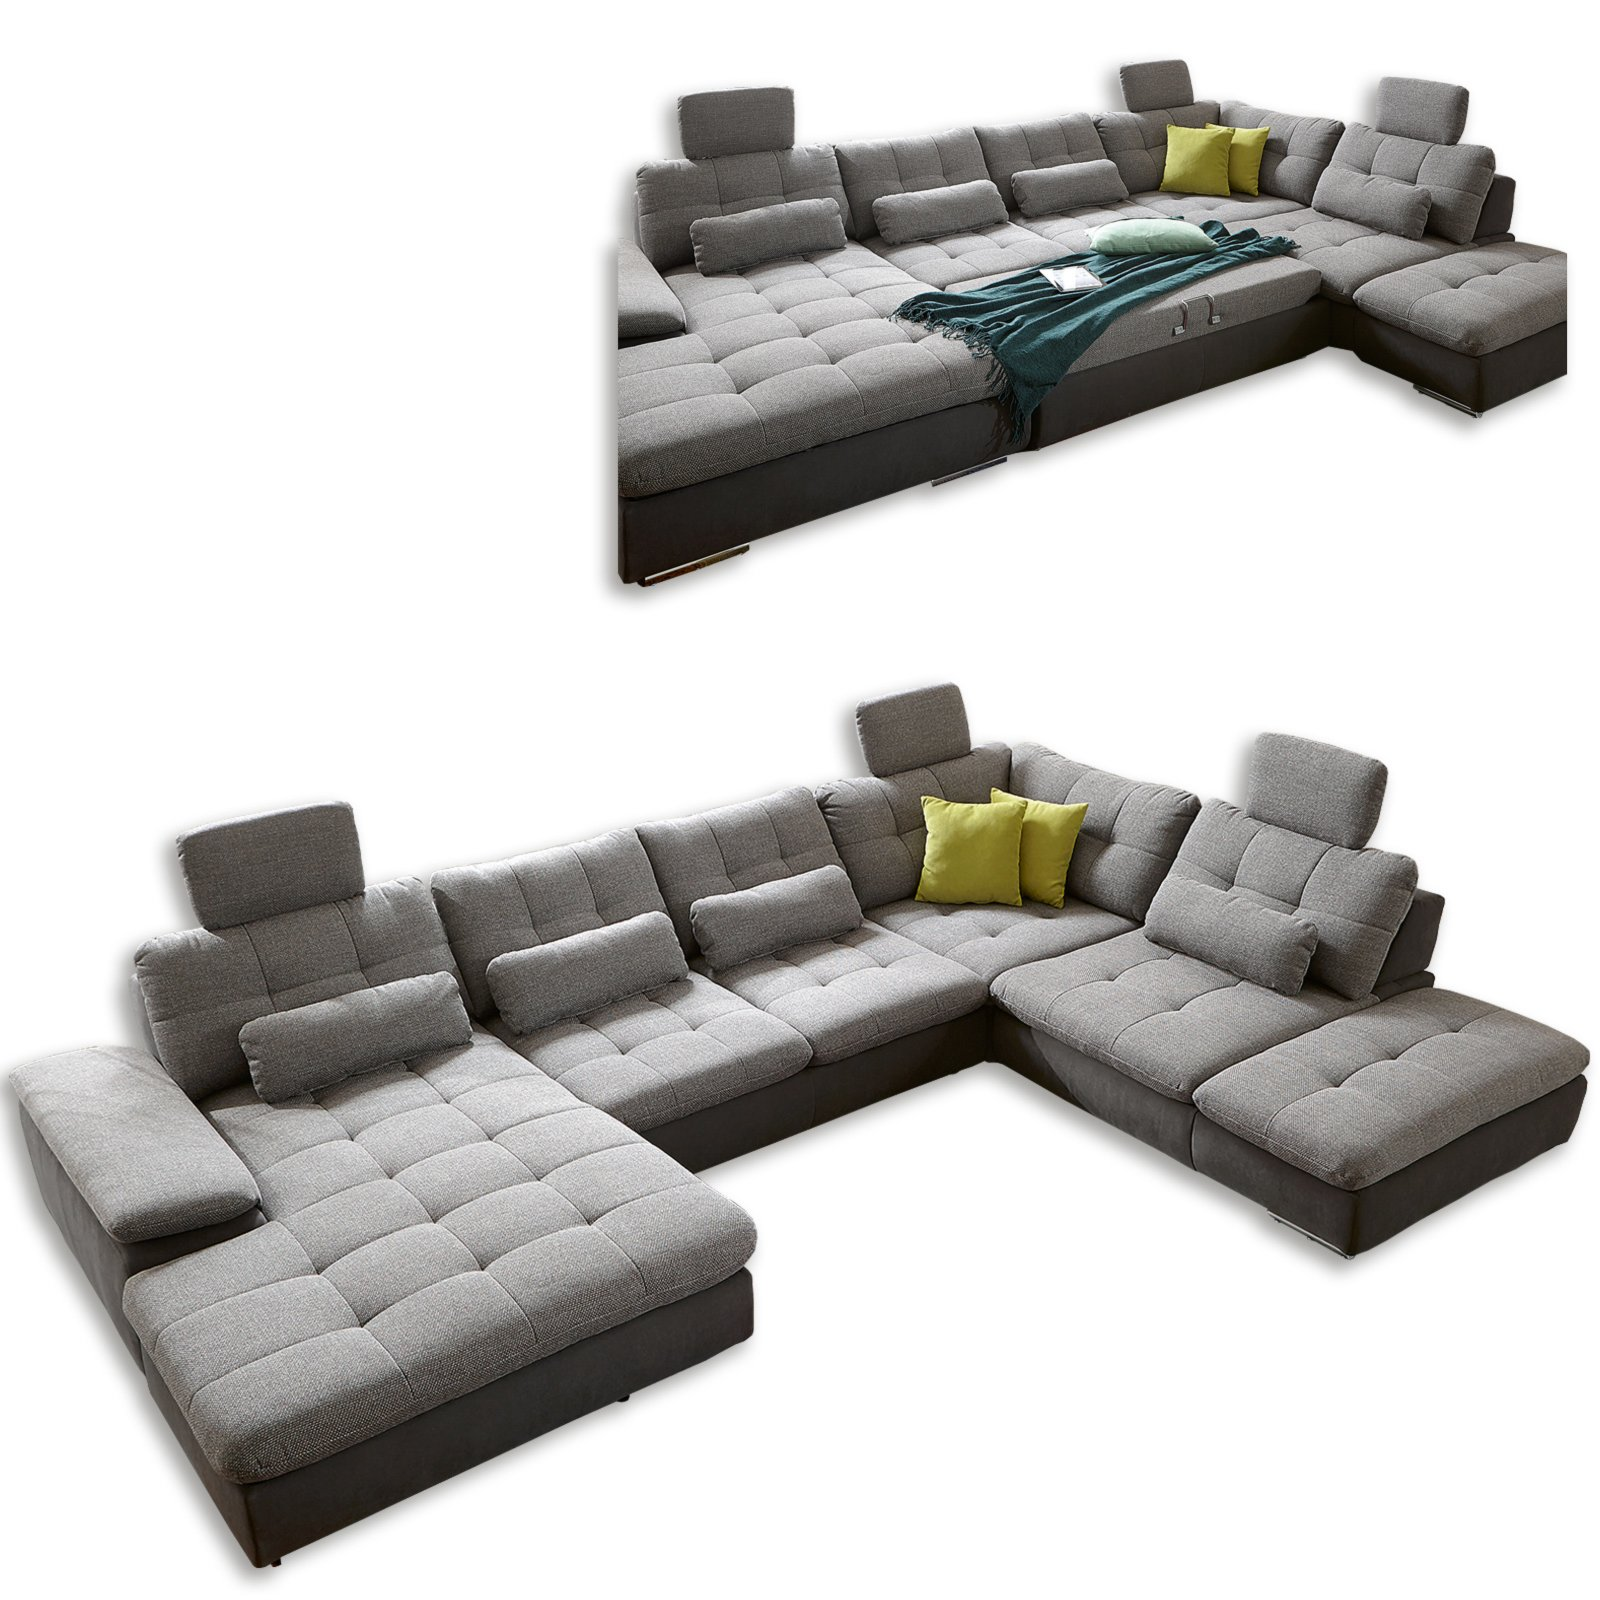 wohnlandschaft silber anthrazit liegefunktion wohnlandschaften u form sofas couches. Black Bedroom Furniture Sets. Home Design Ideas